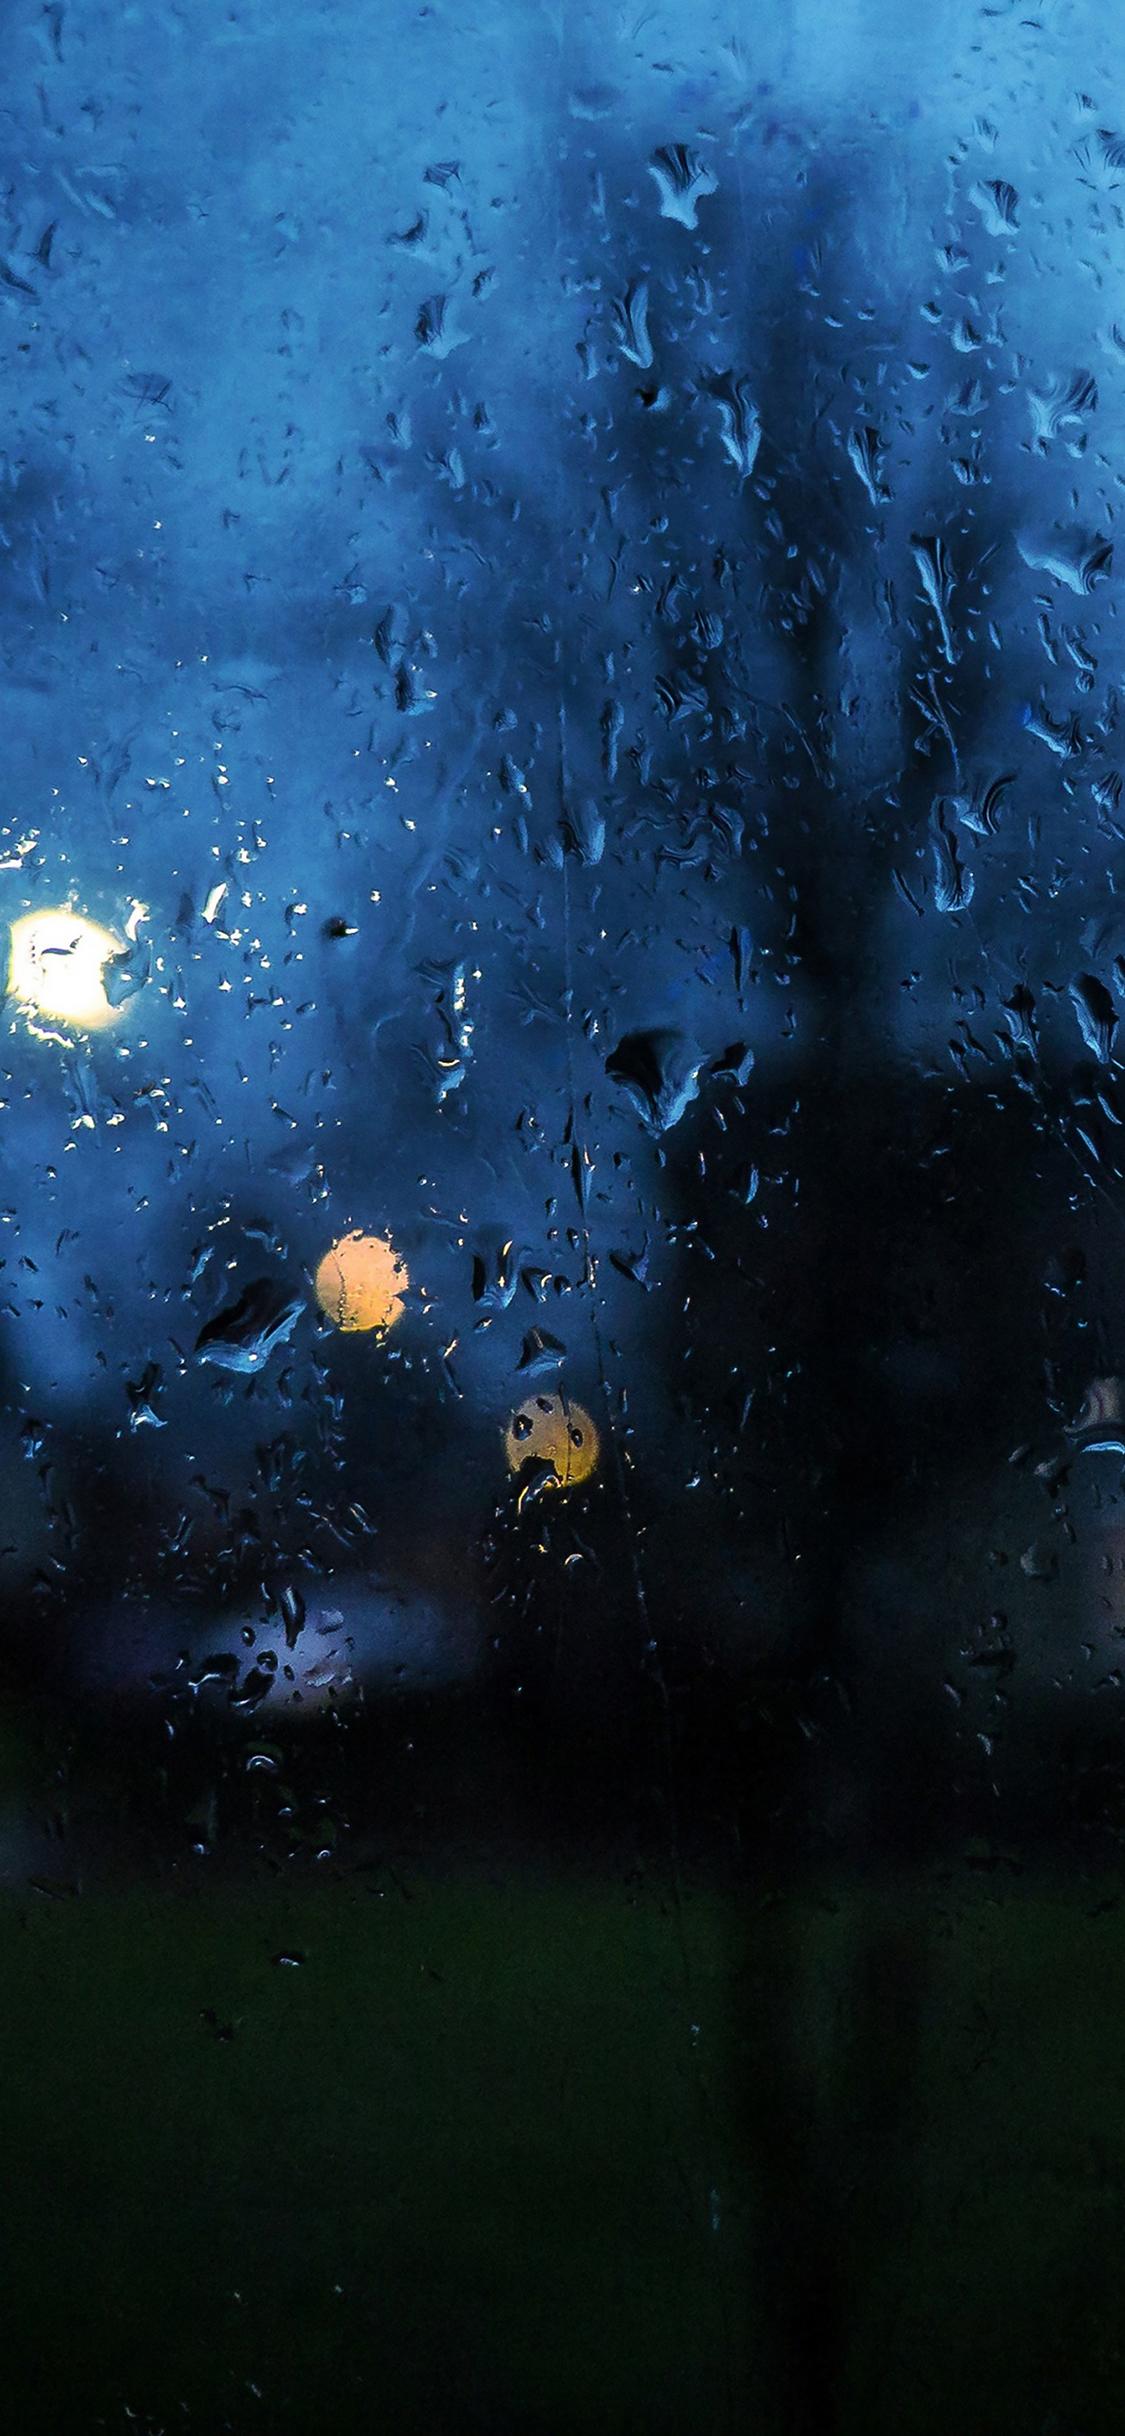 Mi62 good to stay home rainy window - Rainy window wallpaper ...